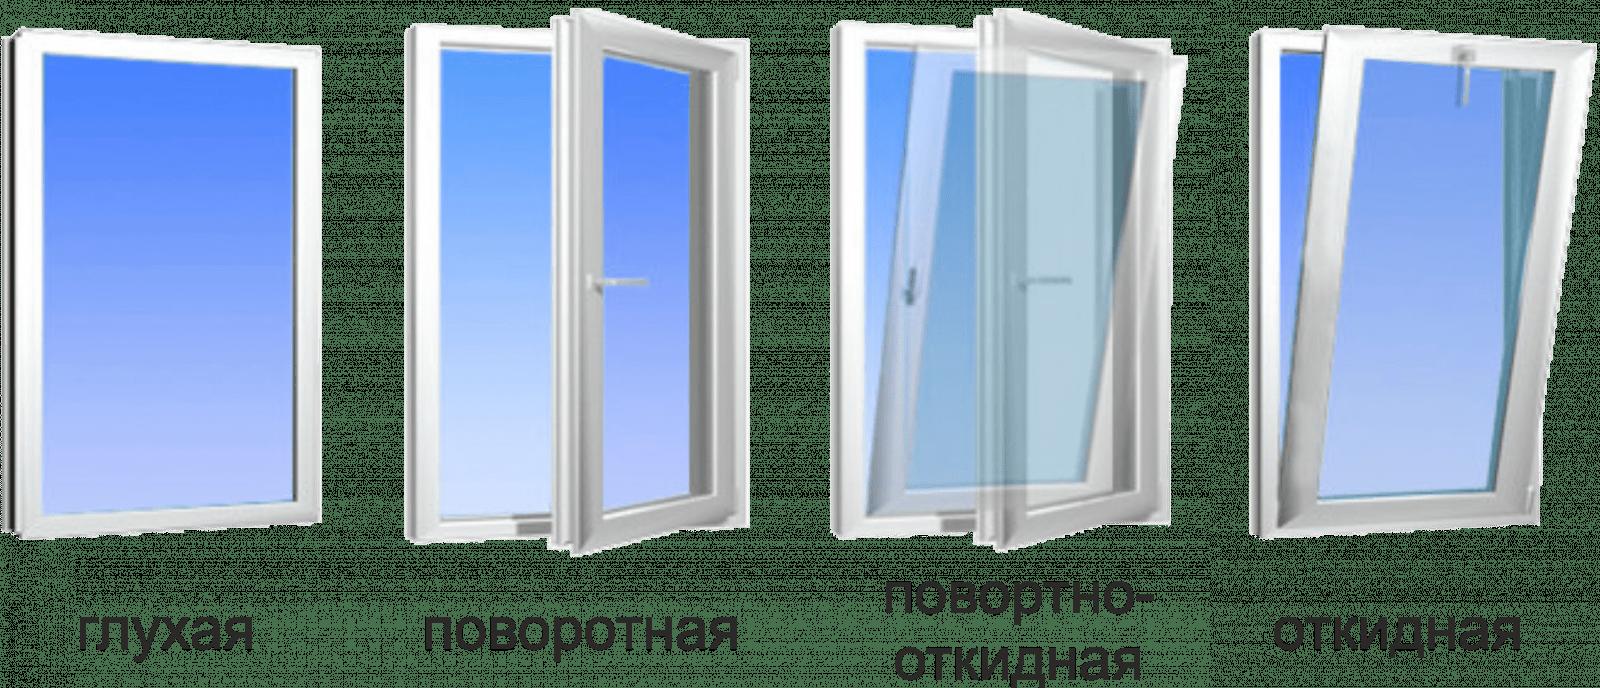 Выбор системы открывания пластикового окна